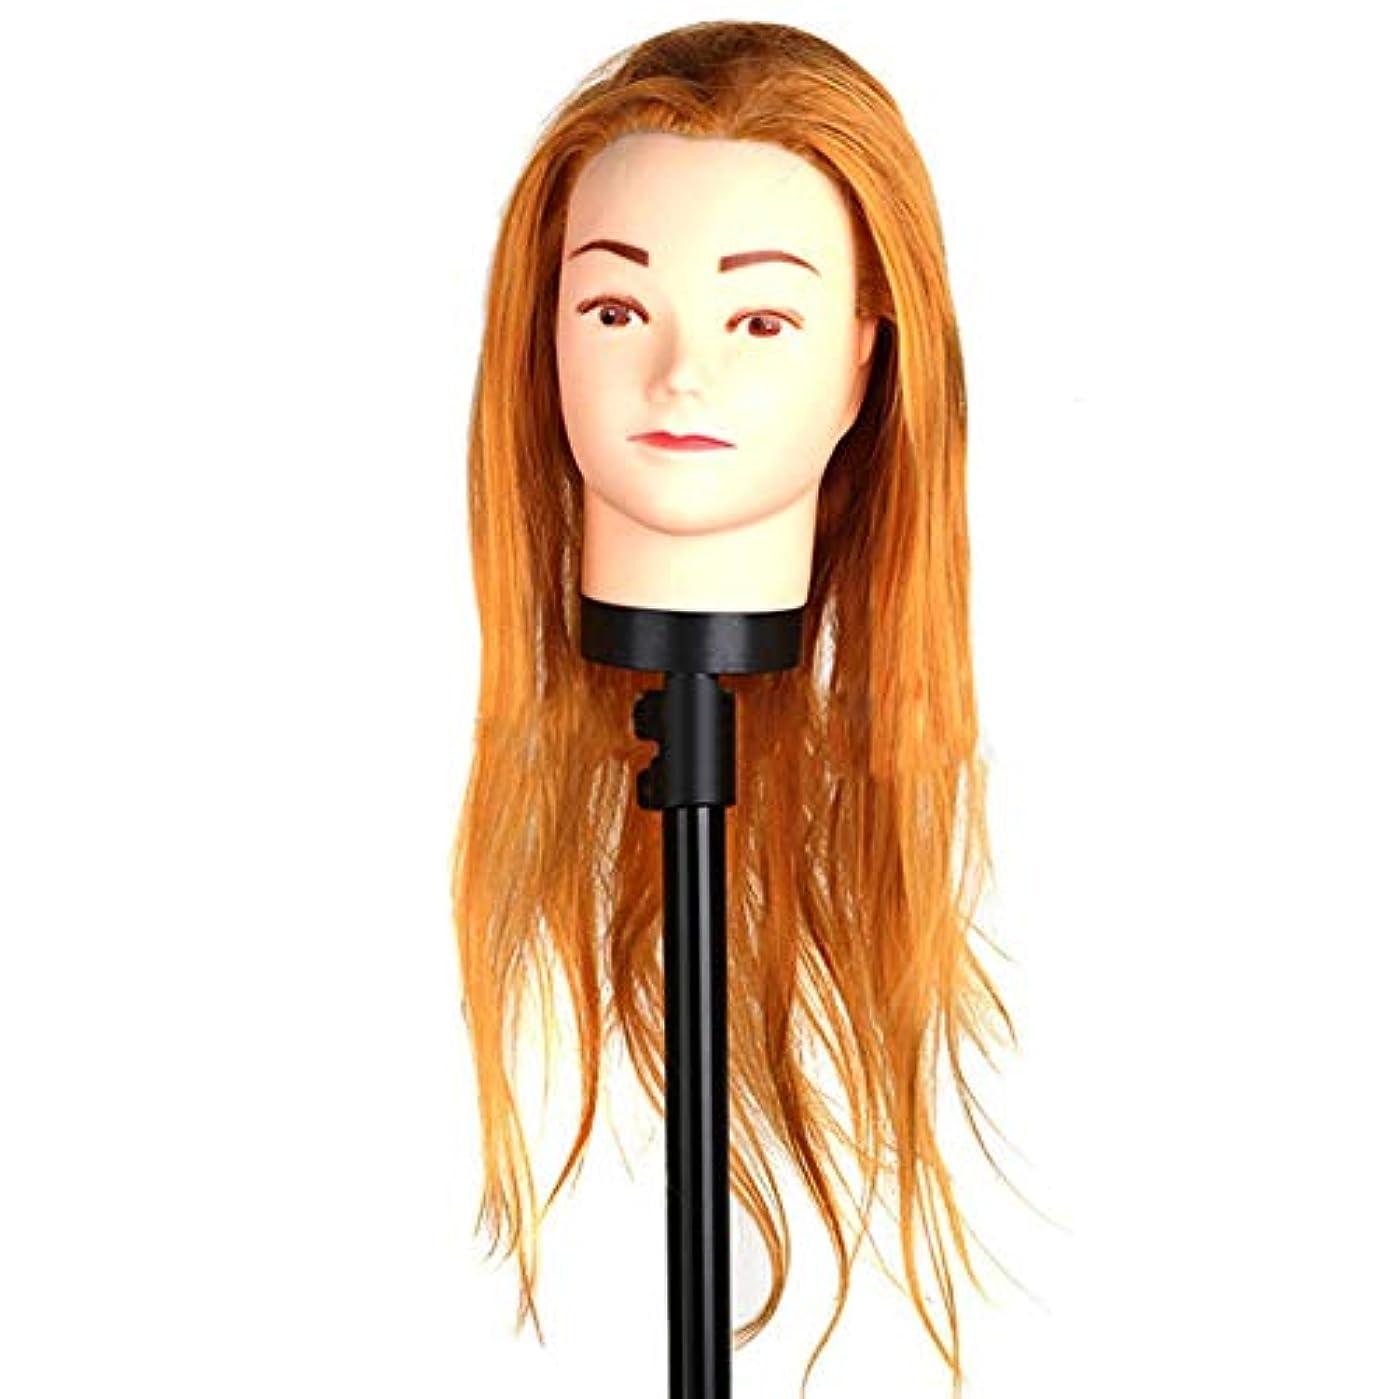 合成道を作る感謝祭高温繊維かつらヘッドモールドメイクヘアスタイリングヘッドヘアーサロントレーニング学習ヘアカットデュアルユースダミー人間の頭